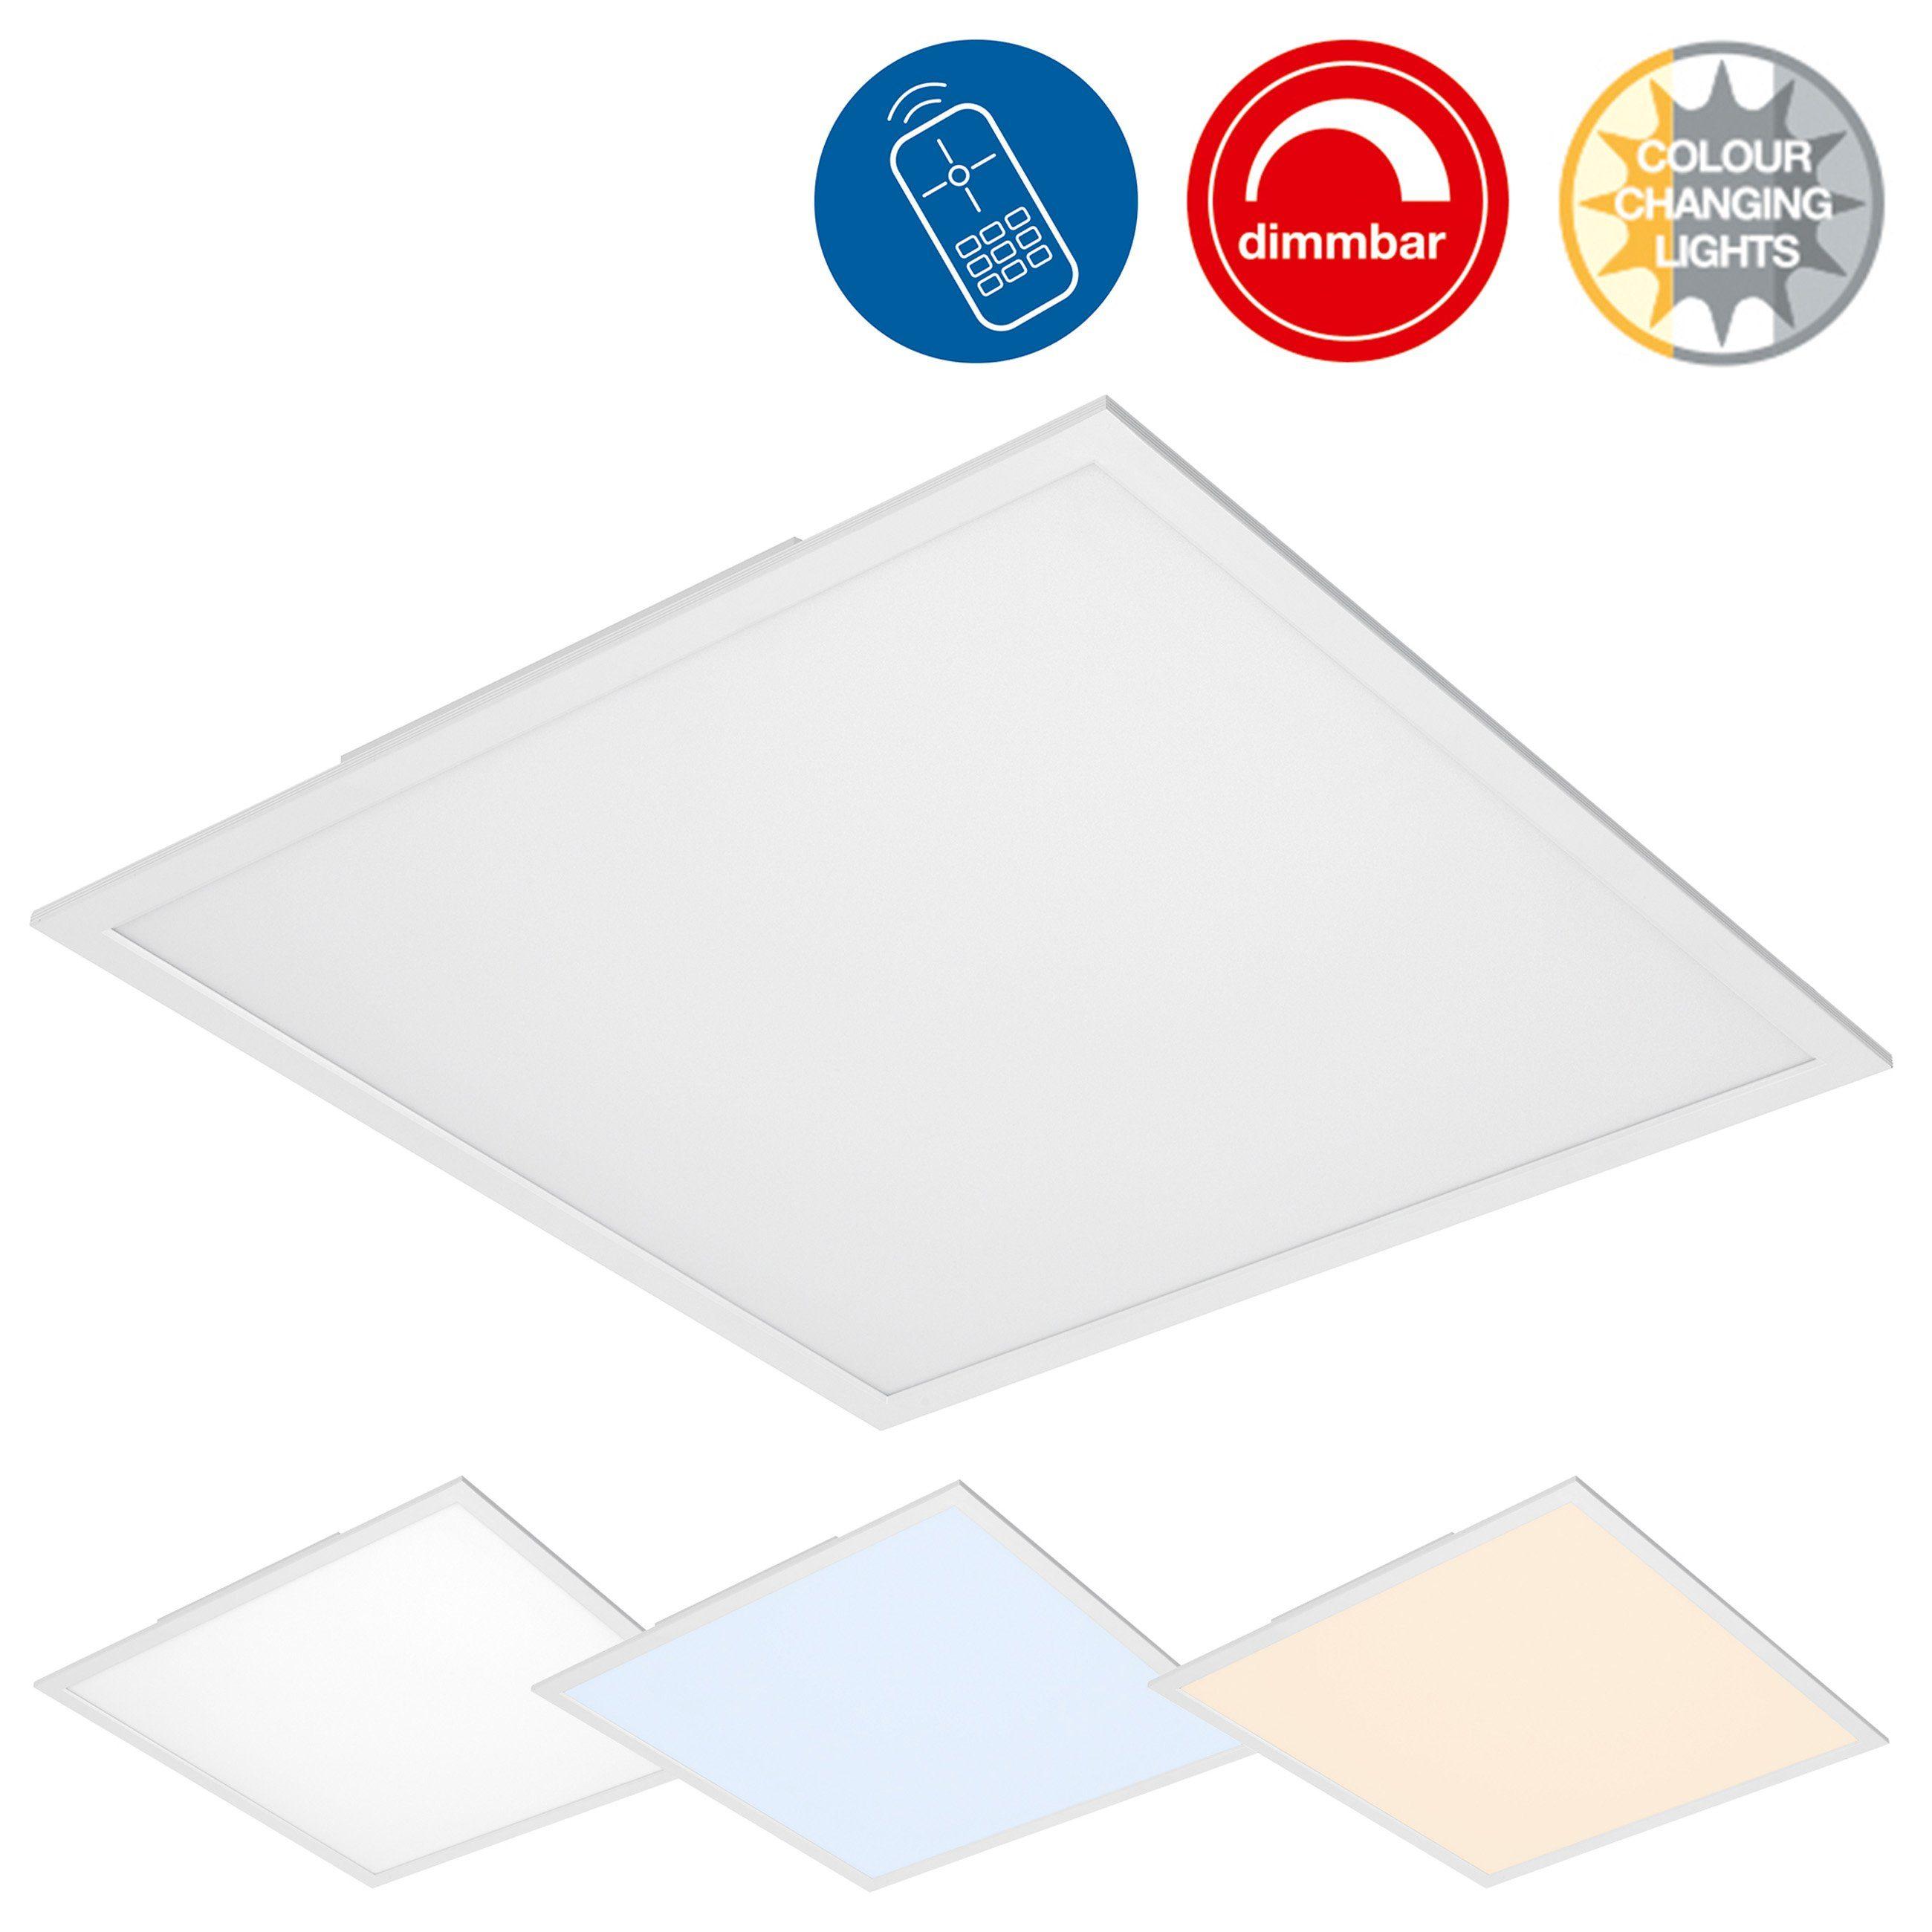 Briloner Leuchten LED Panel »Milo«, 1-flammig, Deckenleuchte dimmbar, Farbtemperatursteuerung